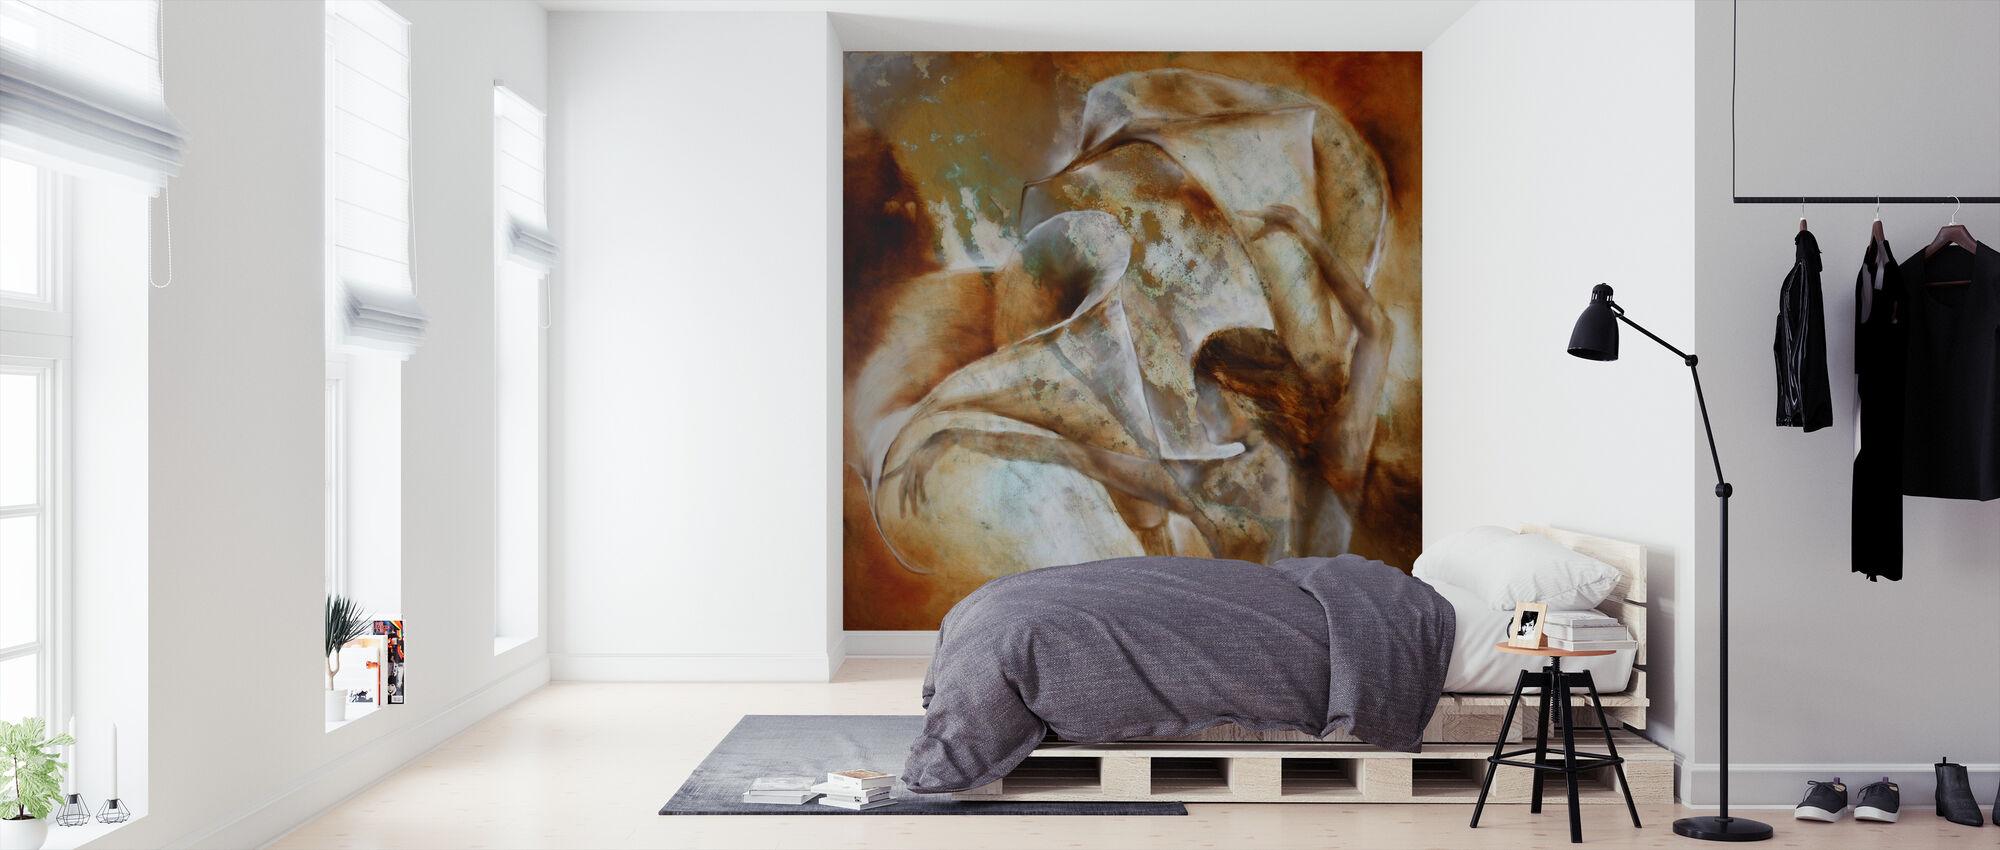 Allegro - Wallpaper - Bedroom